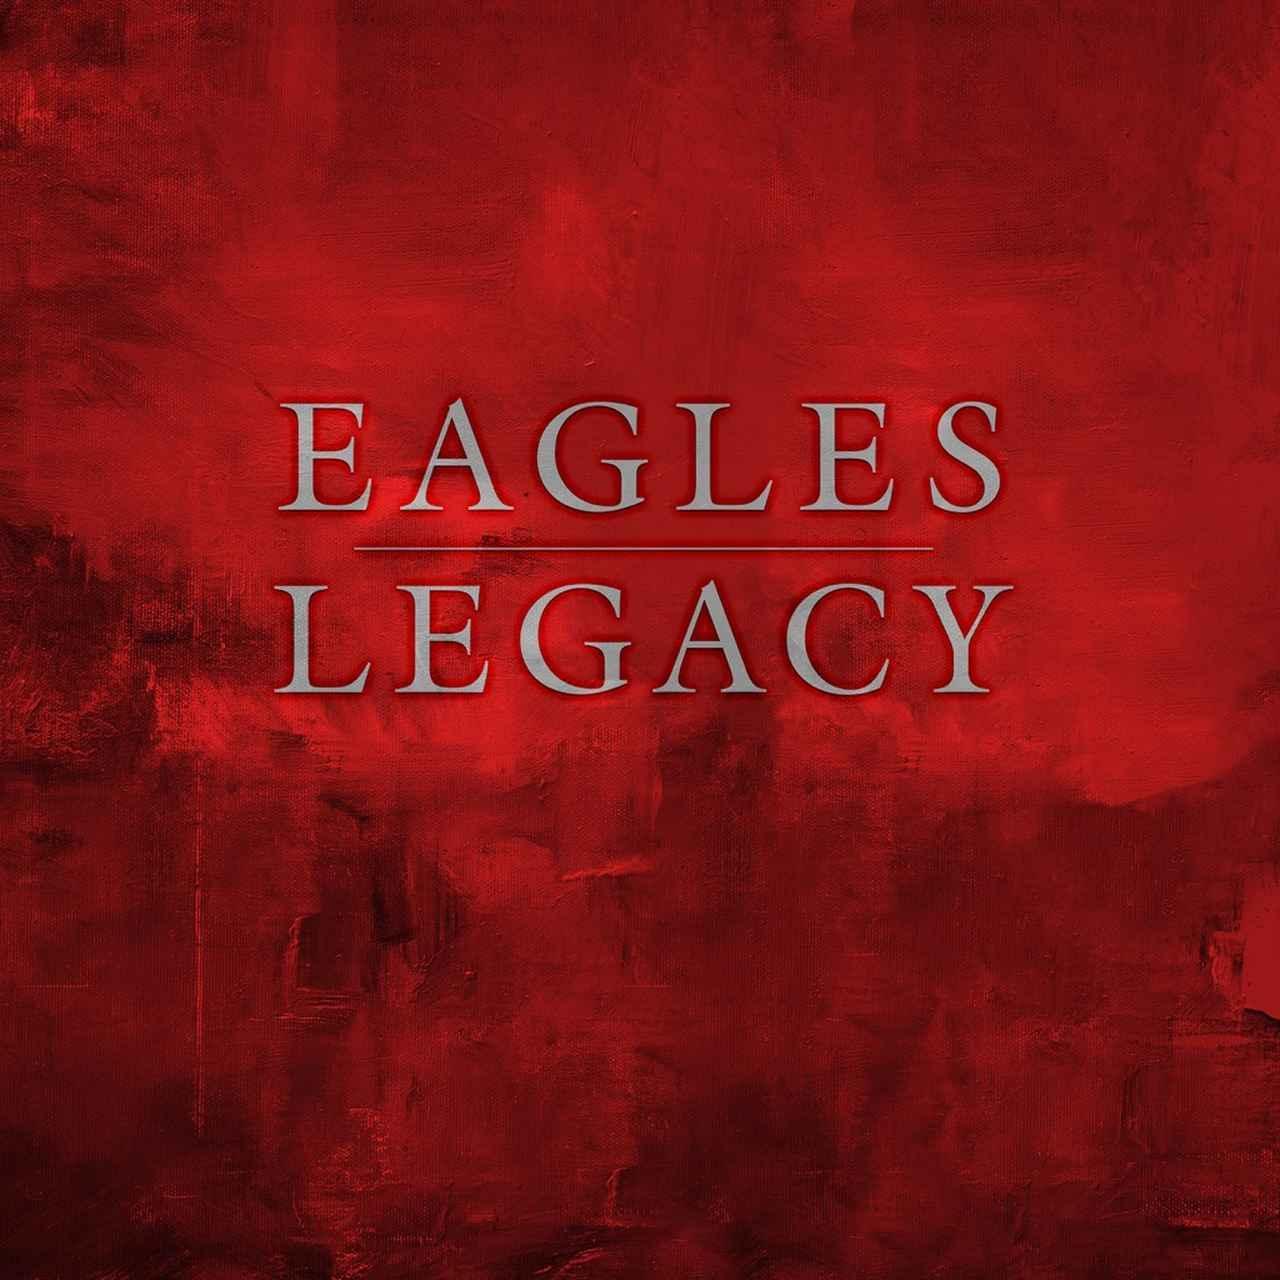 画像: Legacy / Eagles